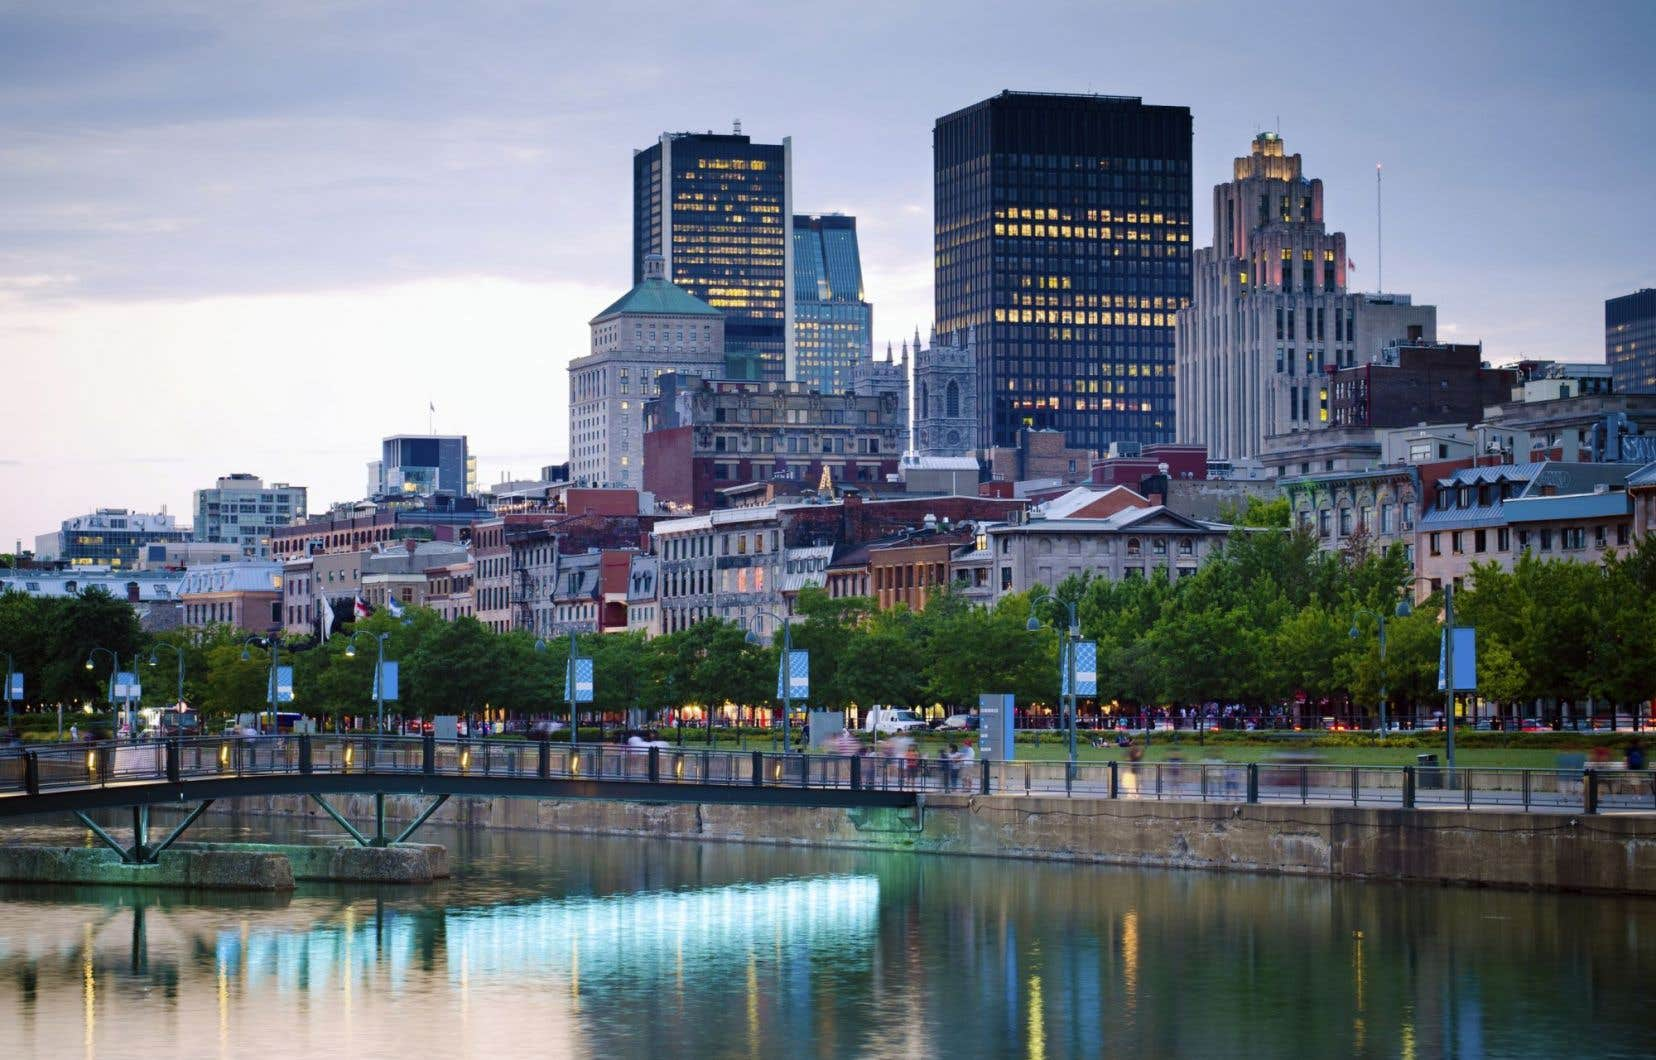 Le milieu bâti québécois incarne l'histoire du Québec et est une manifestation tangible de sa culture.